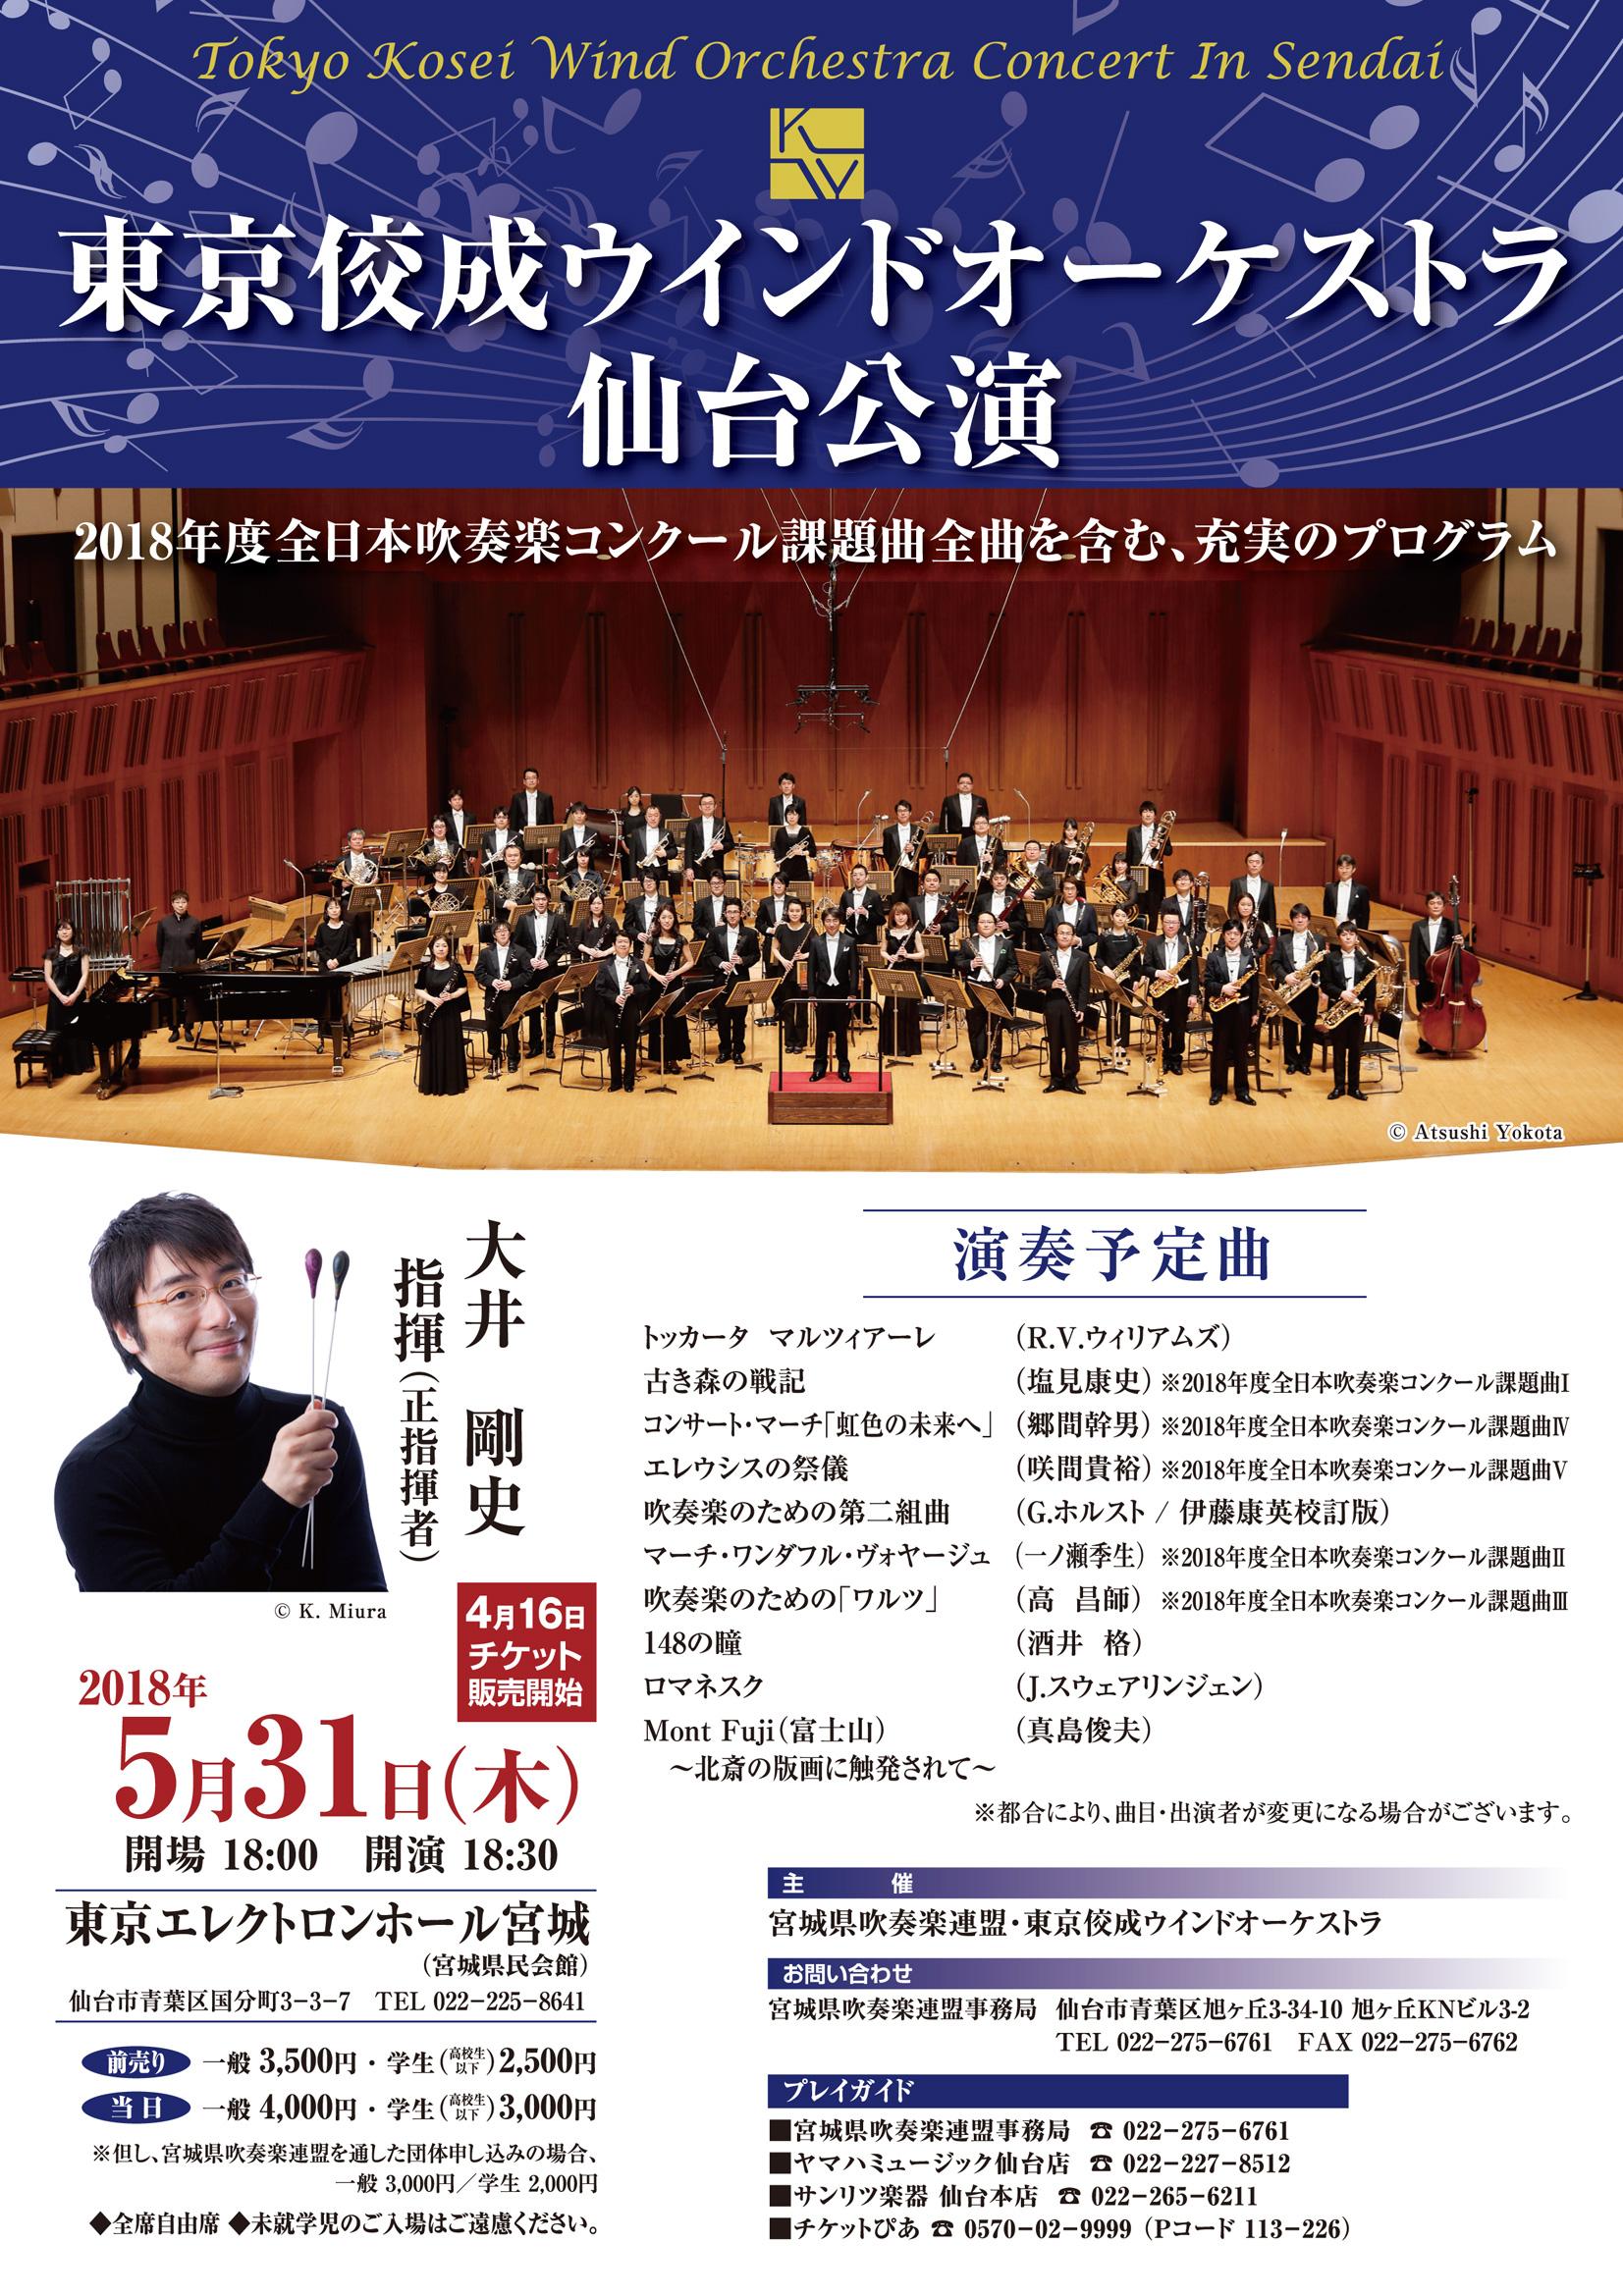 東京佼成ウインドオーケストラ 仙台公演